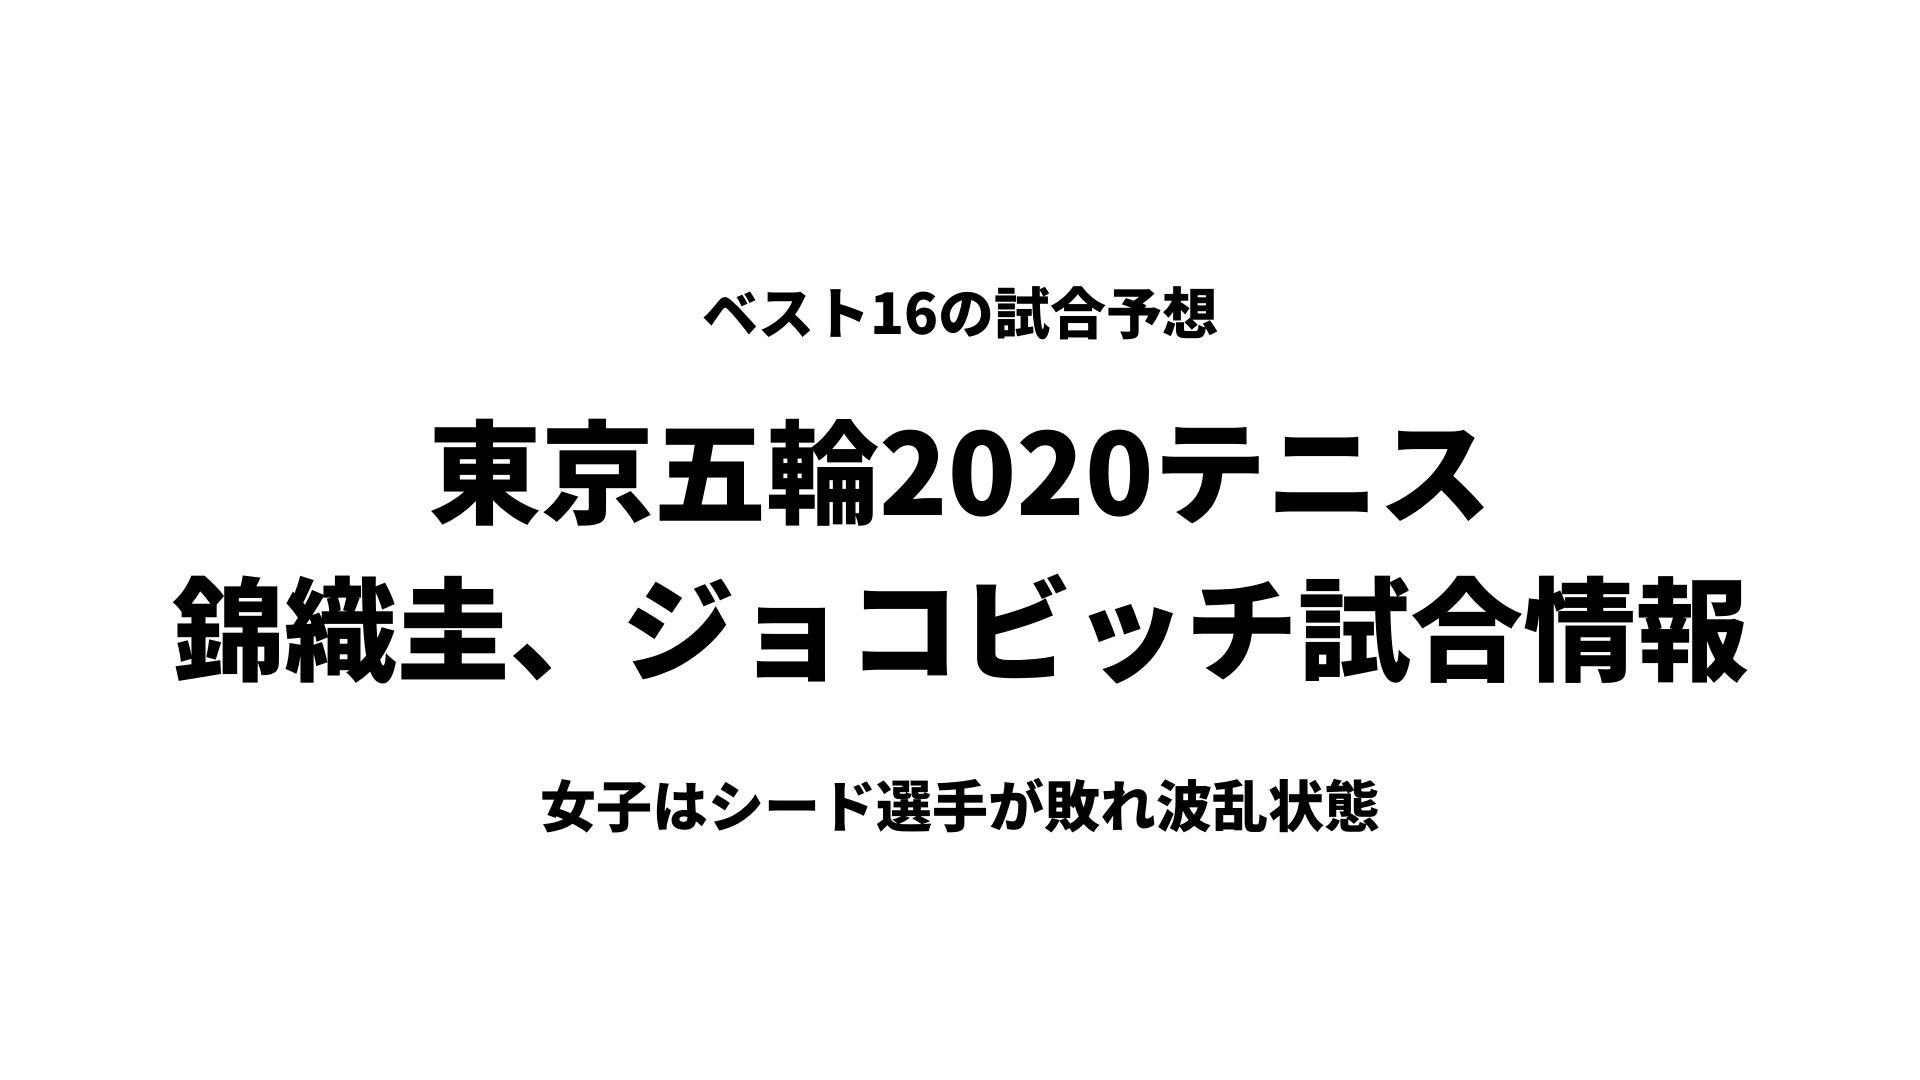 東京五輪2020男子テニスブックメーカーオッズ予想